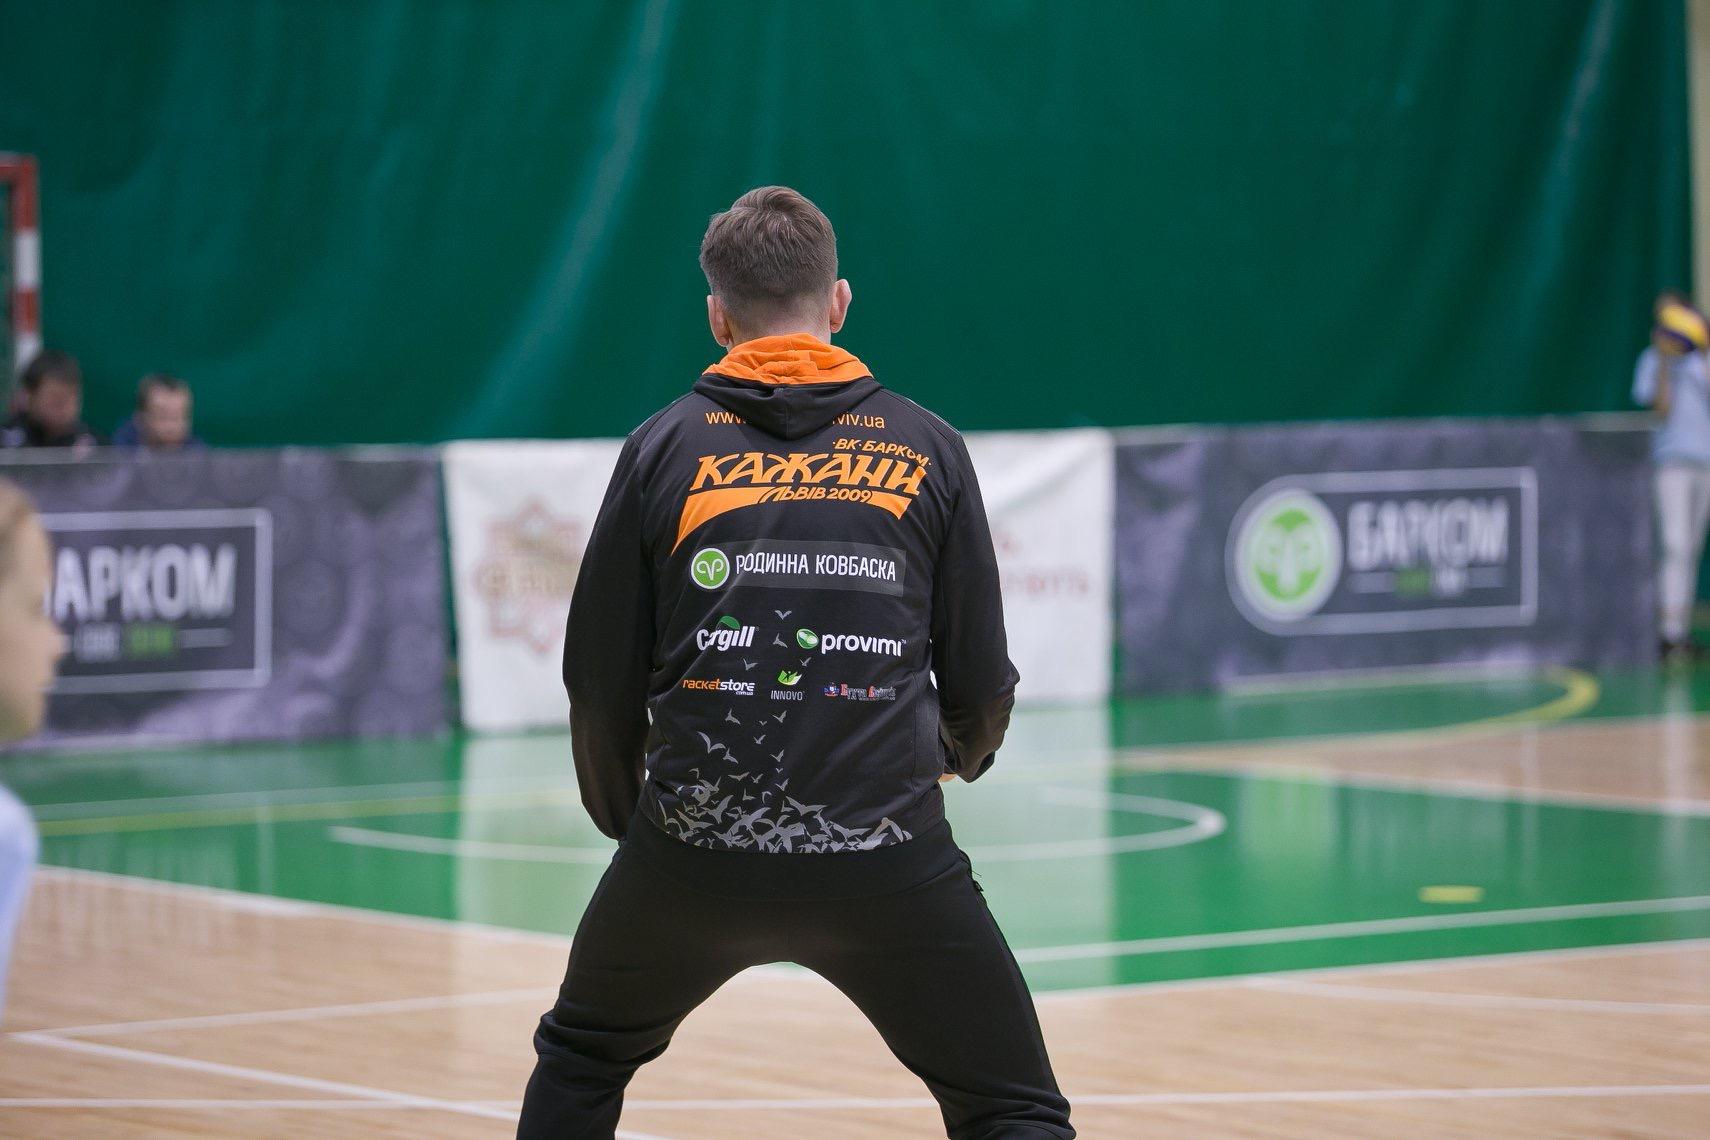 «Барком-Кажани»:»Серце Поділля». Фінал  Чемпіонату. Фотозвіт - 17